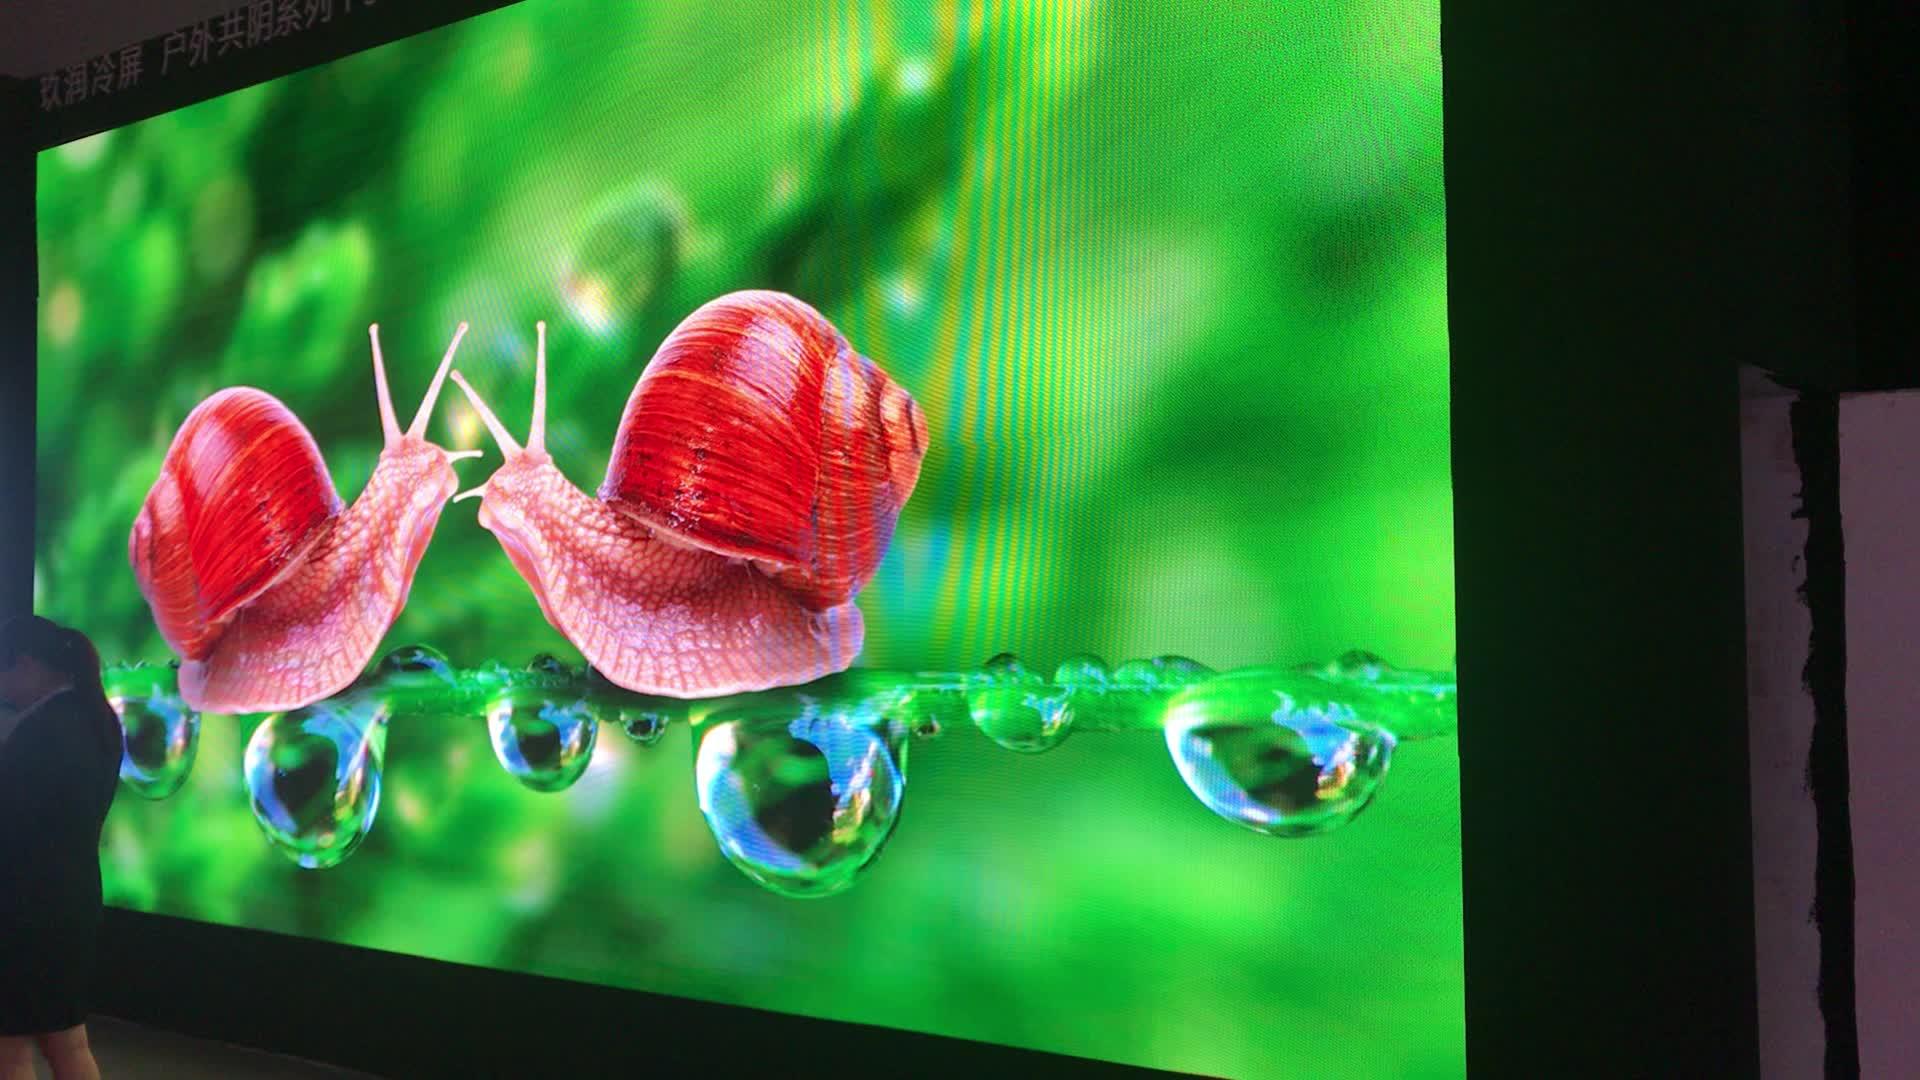 SRYLED Açık Yüksek Yenileme Hızı 500*500mm Ince P3.91 P4.81 Kiralama LED Ekran